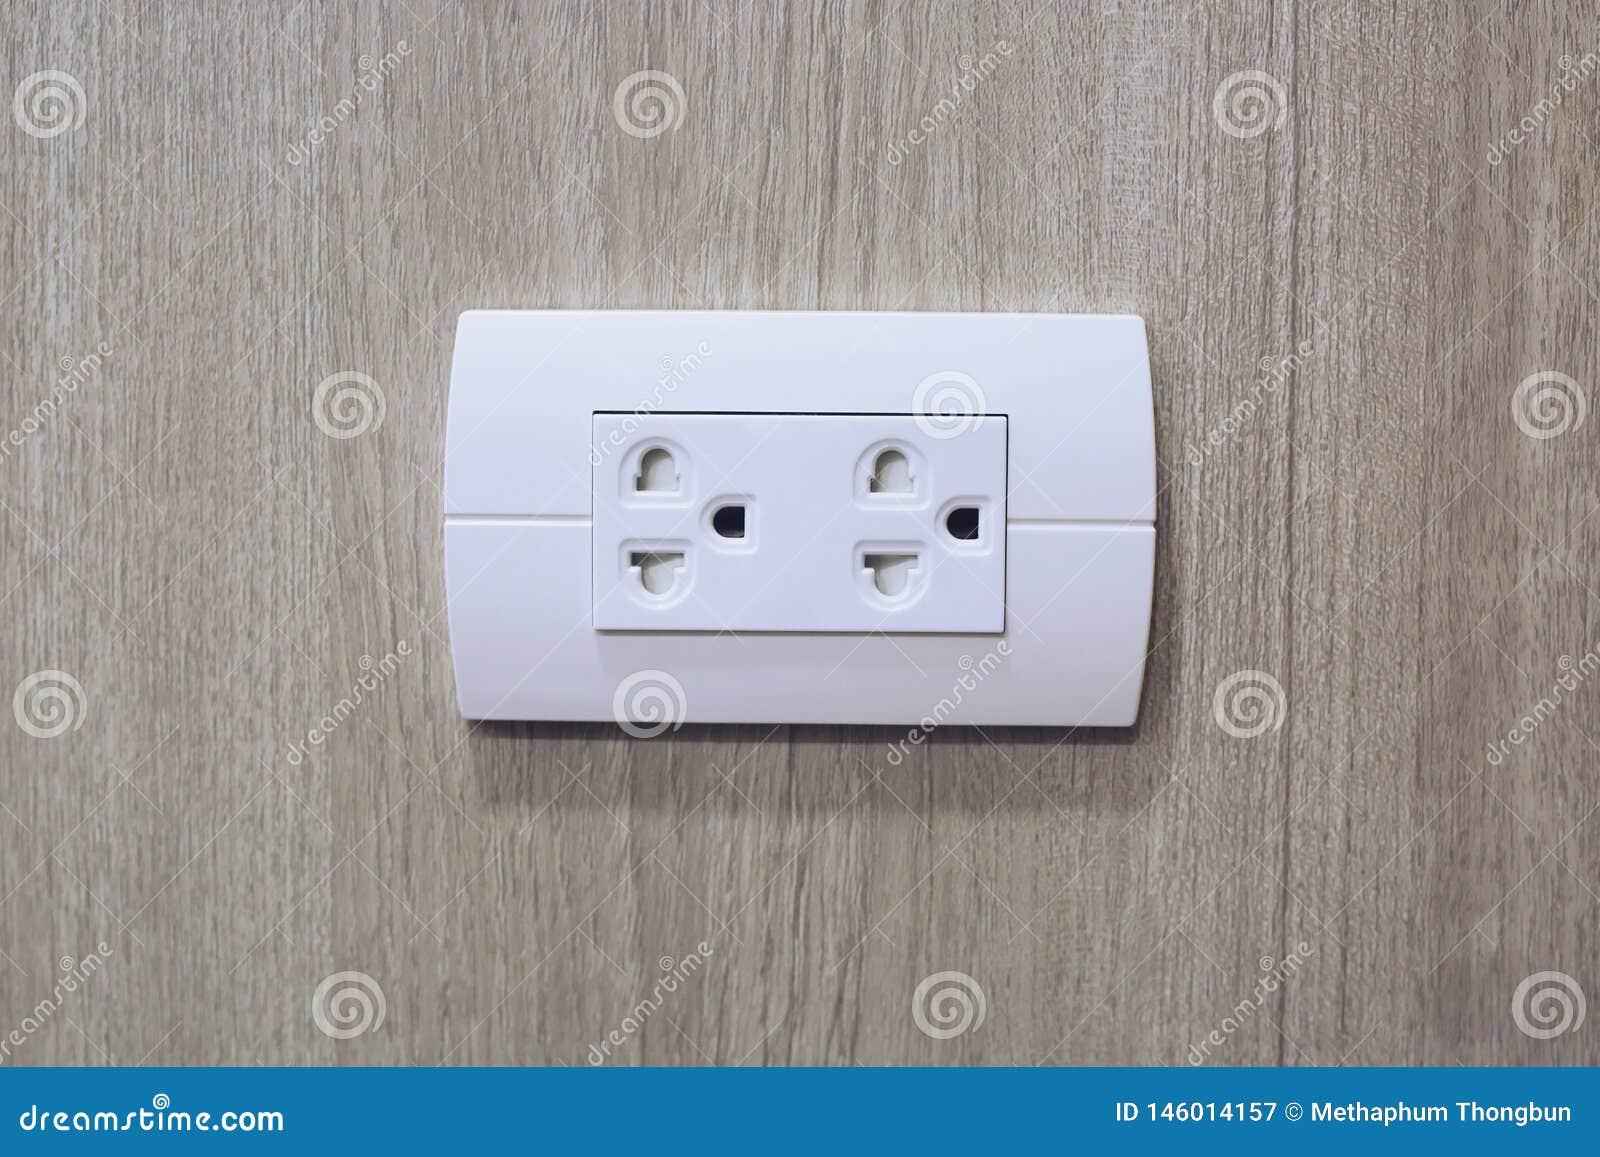 插座到电插口里在木墙壁上的电源输出口